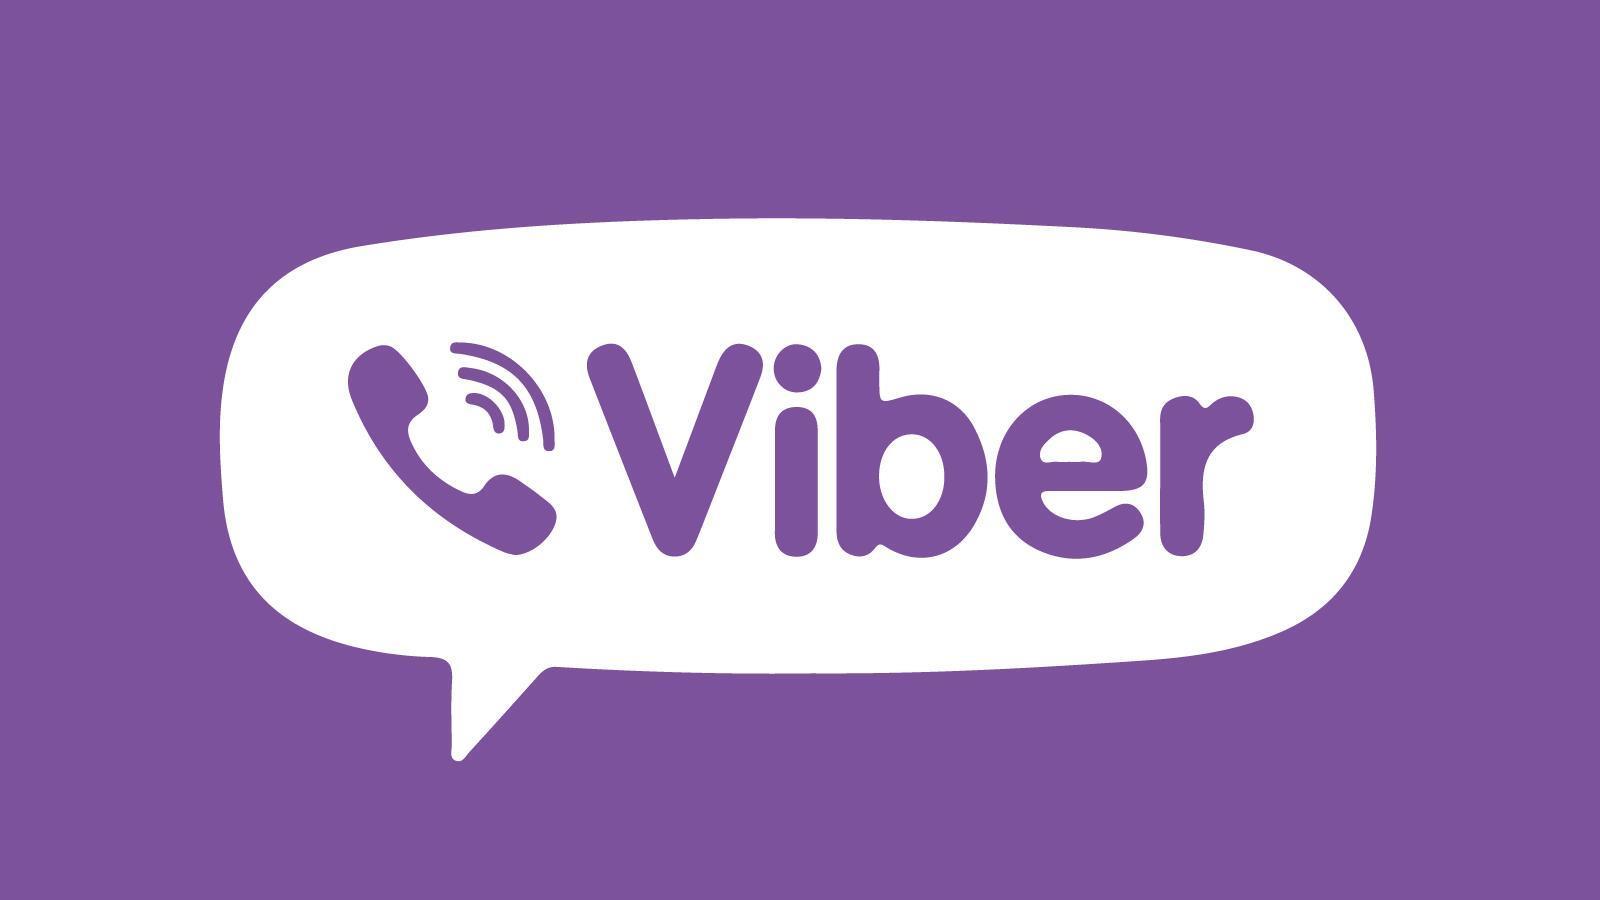 Viber indir - Viber nasıl indirilir? Mesajlaşma ve görüntülü konuşma için ücretsiz Viber uygulaması